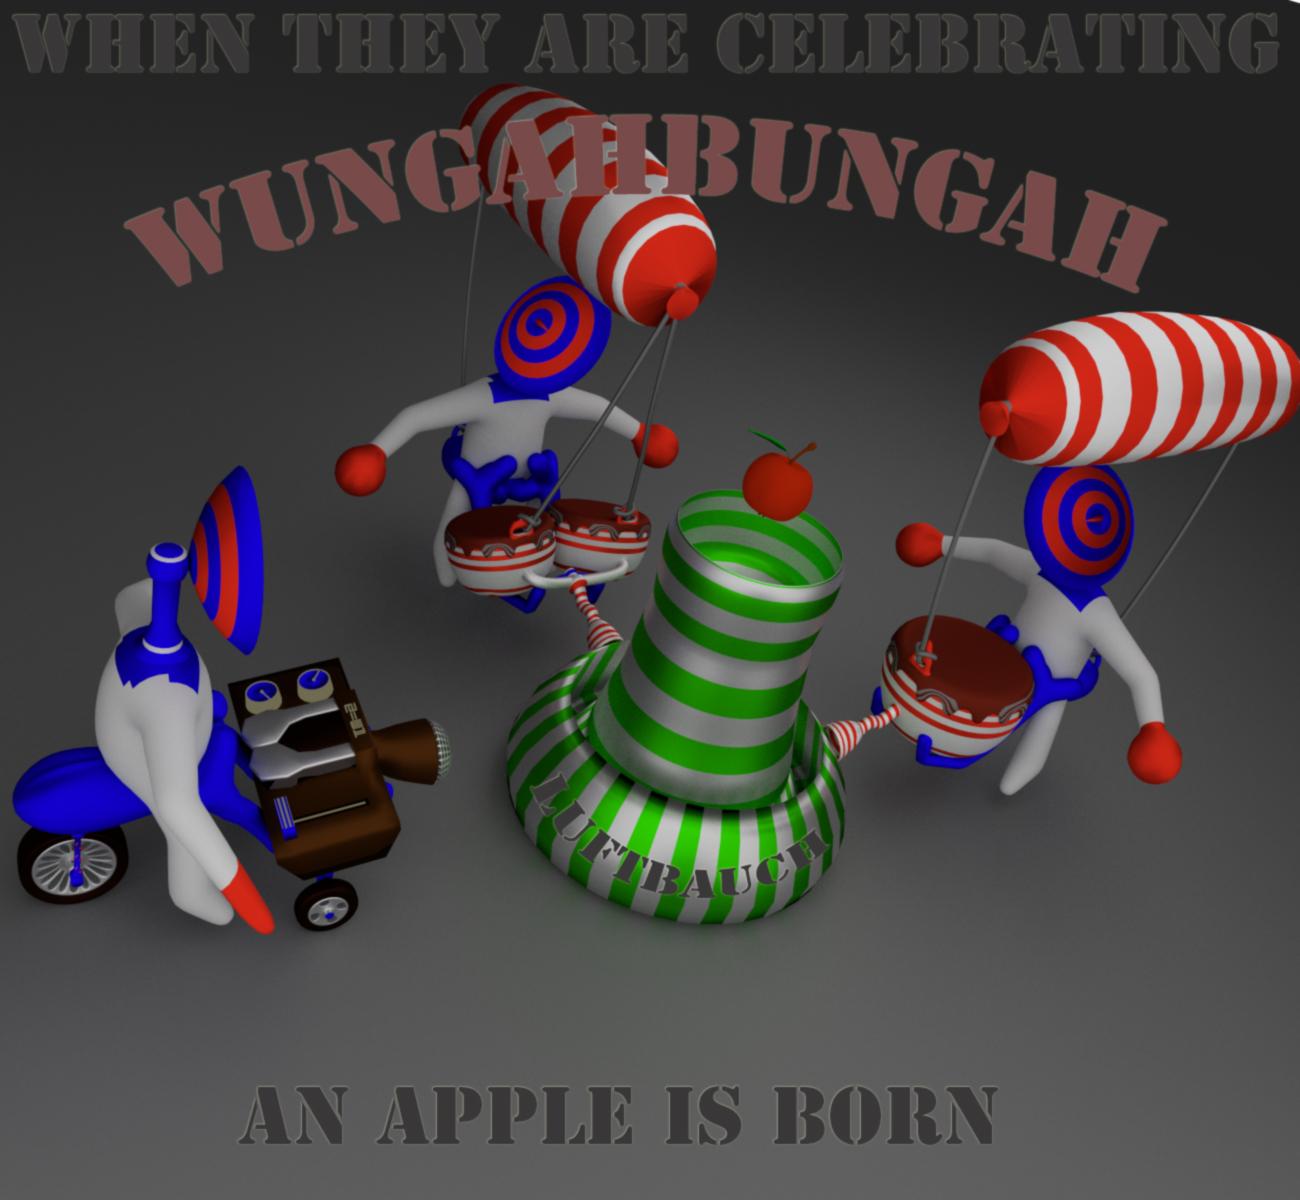 apple born by luftbauch d82o51c